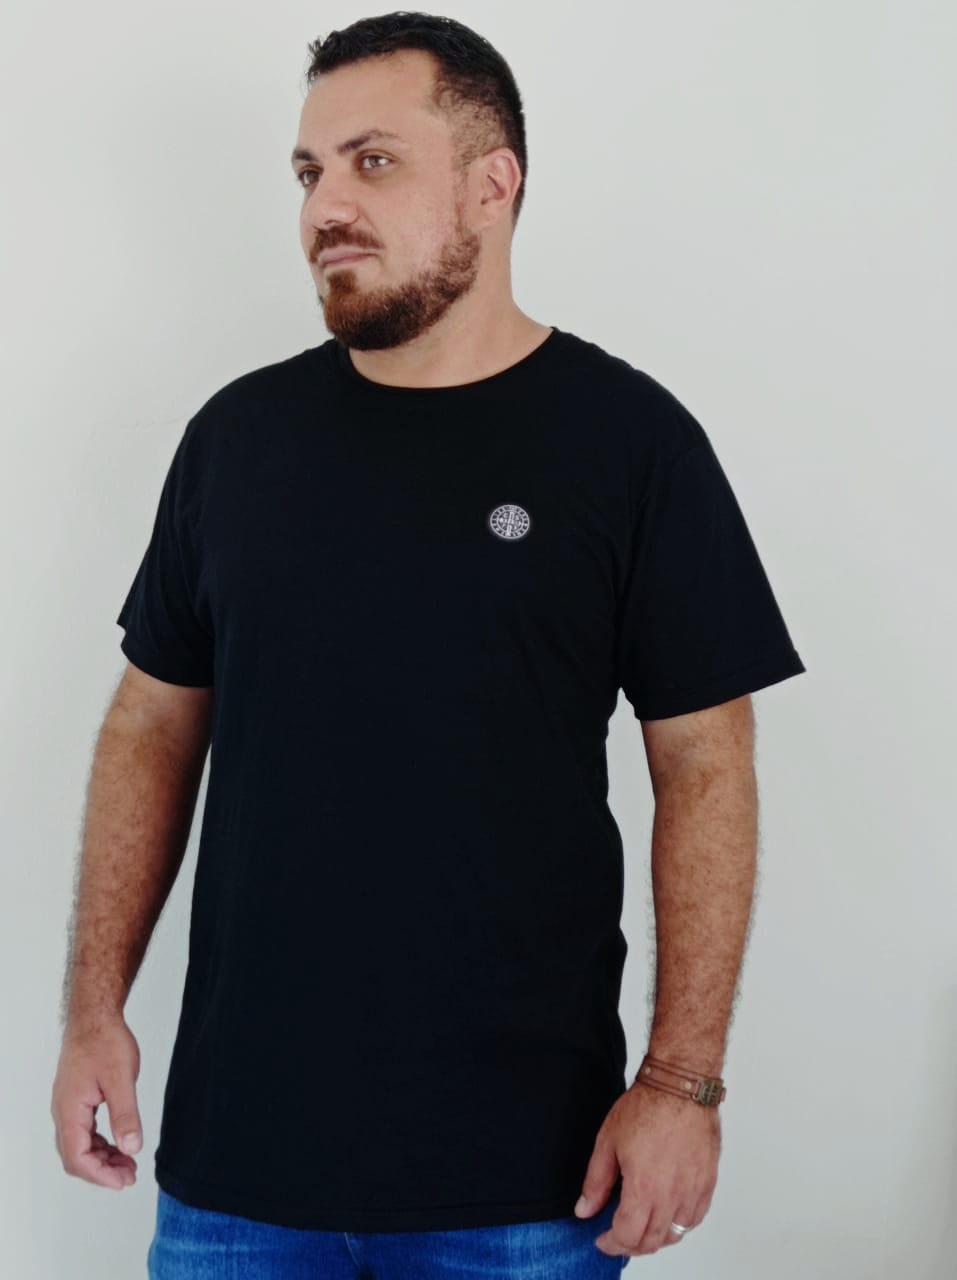 Camiseta Patch São Bento